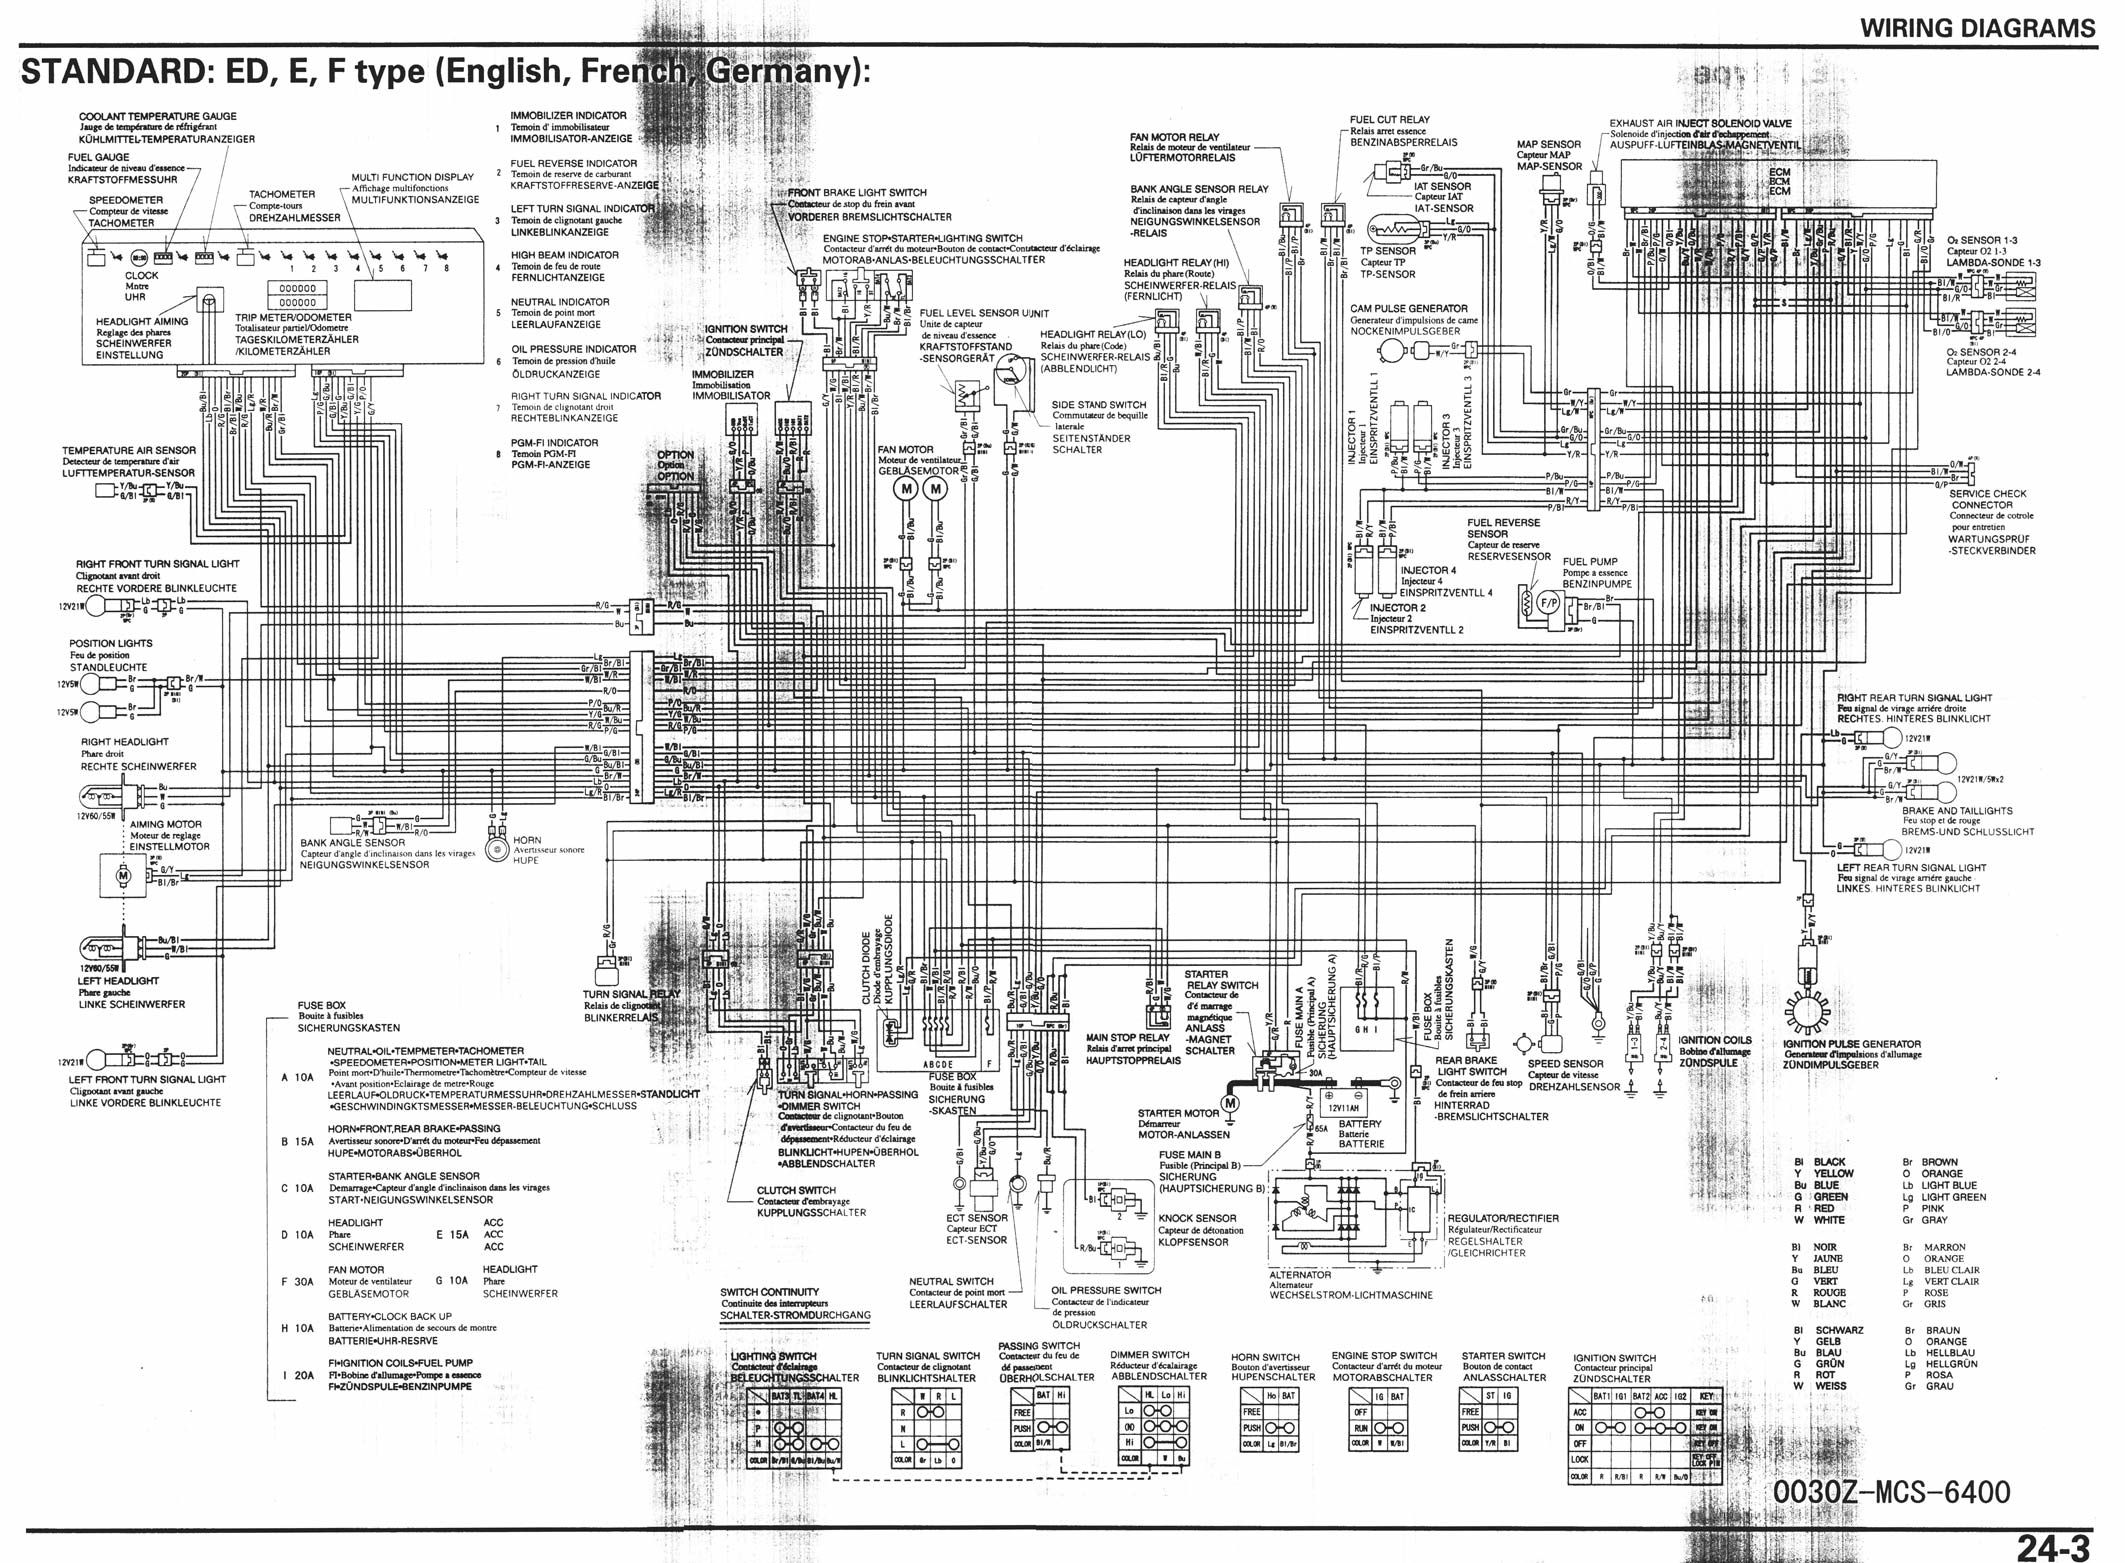 bmw f650 wiring diagram wiring diagram databaseBmw R1100rt Wiring Diagram Additionally Bmw R75 5 Wiring Diagram #17